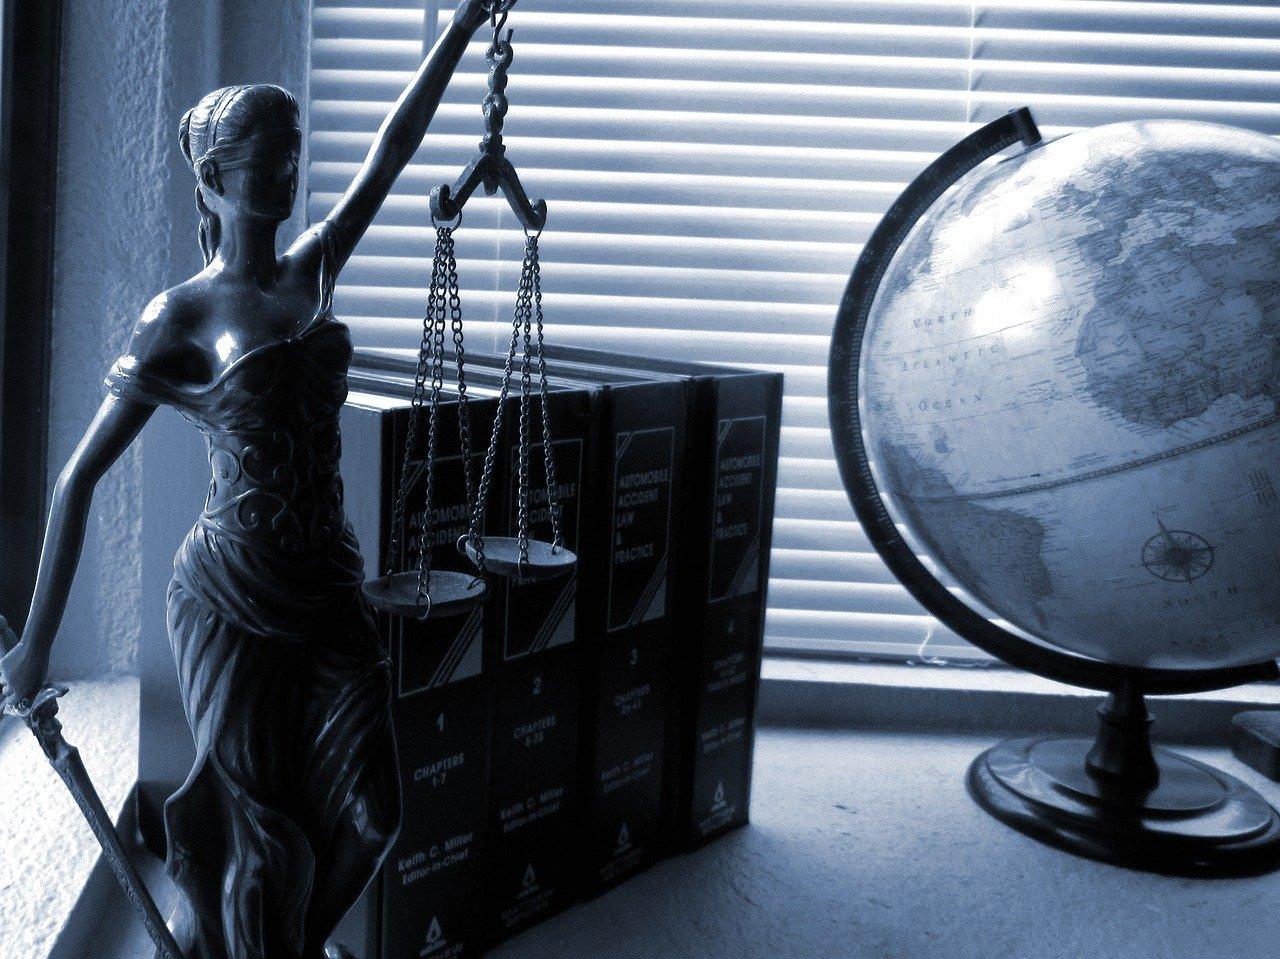 עורך דין מושבים